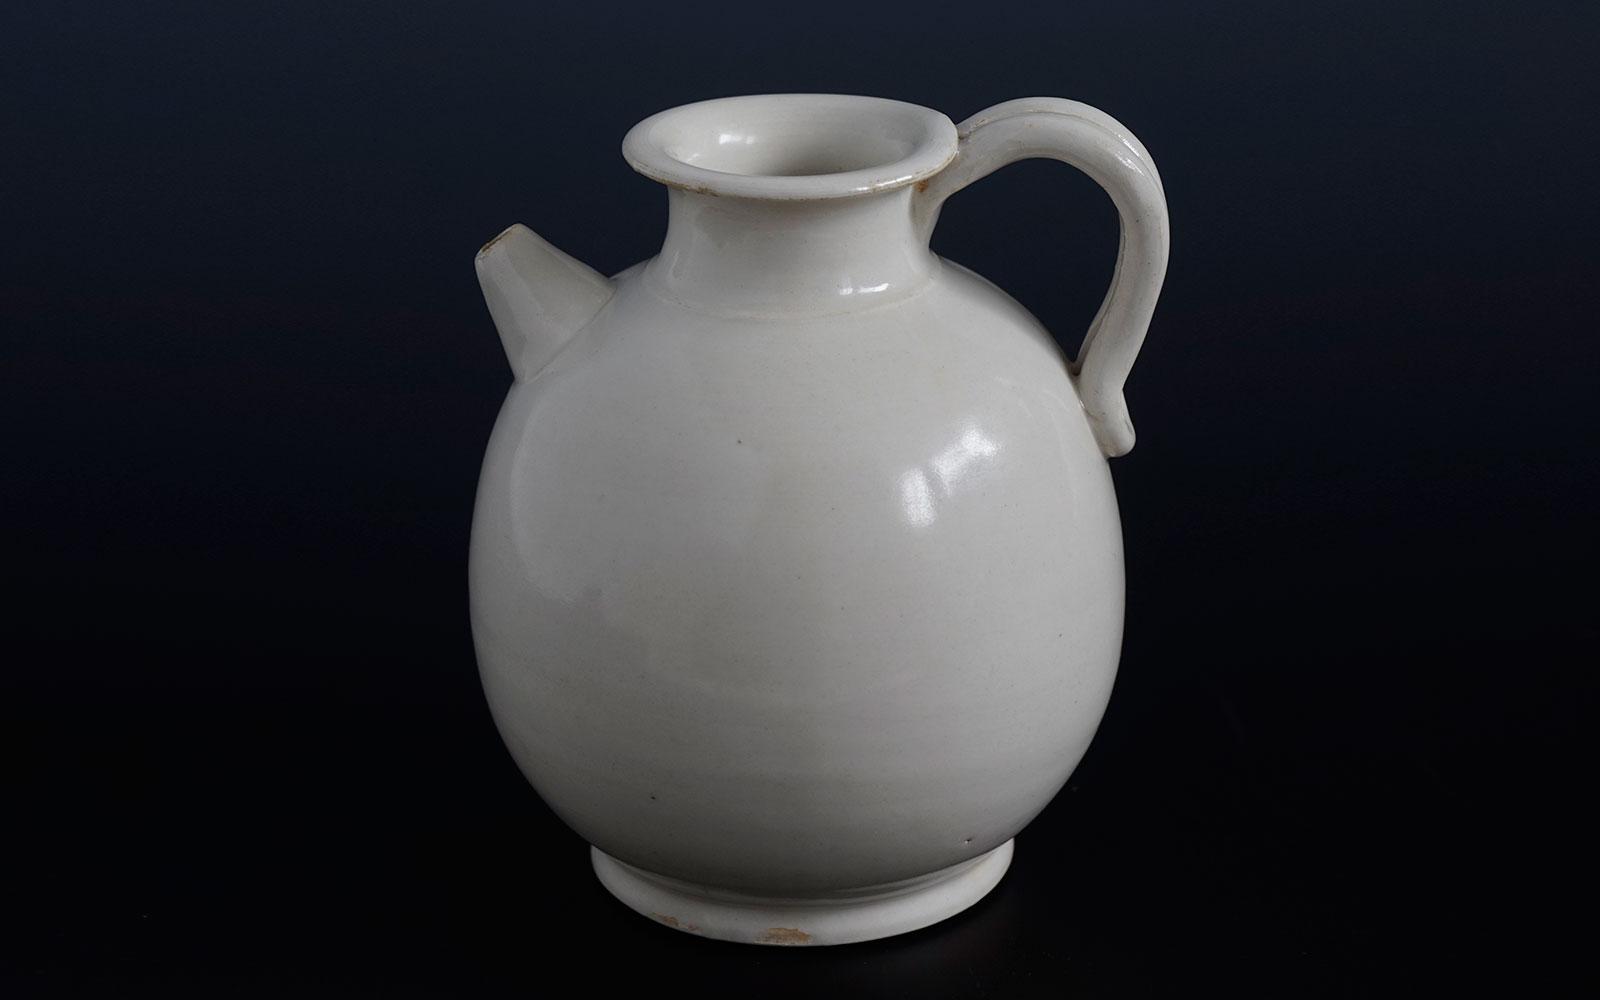 唐 邢窯白磁水注 Xing ware white-glazed ewer, Tang dynasty (618-907 CE), h12.8cm